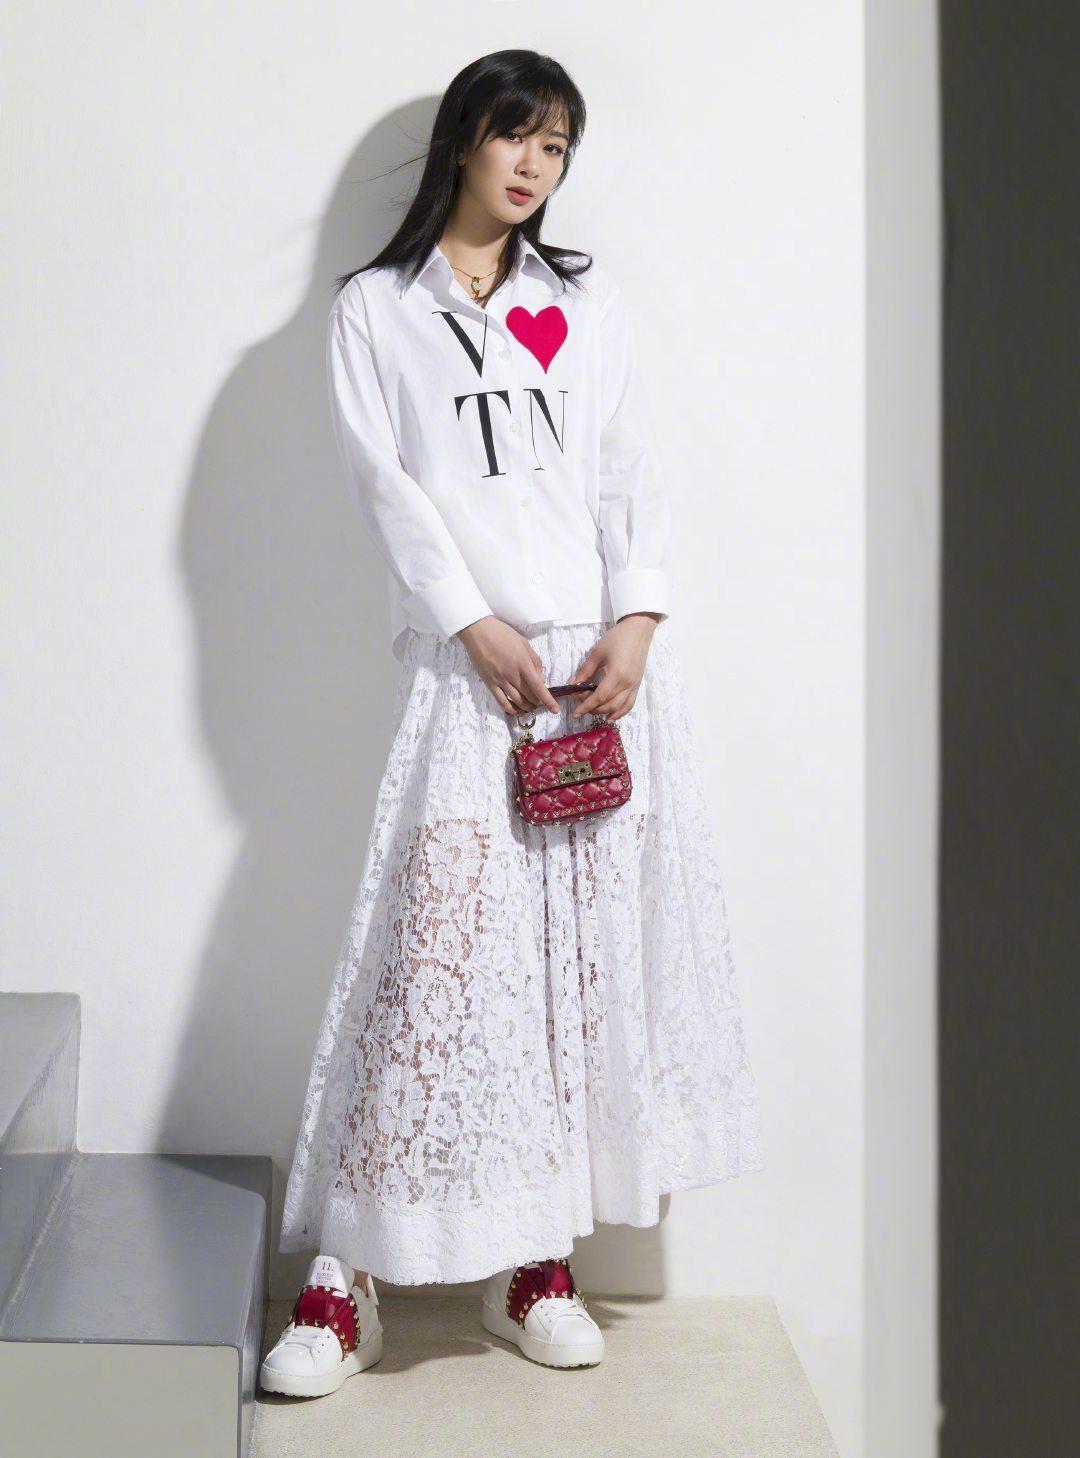 杨紫 & 杨洋Valentino 七夕限定系列大片 简约大气的甜蜜风格。♥️